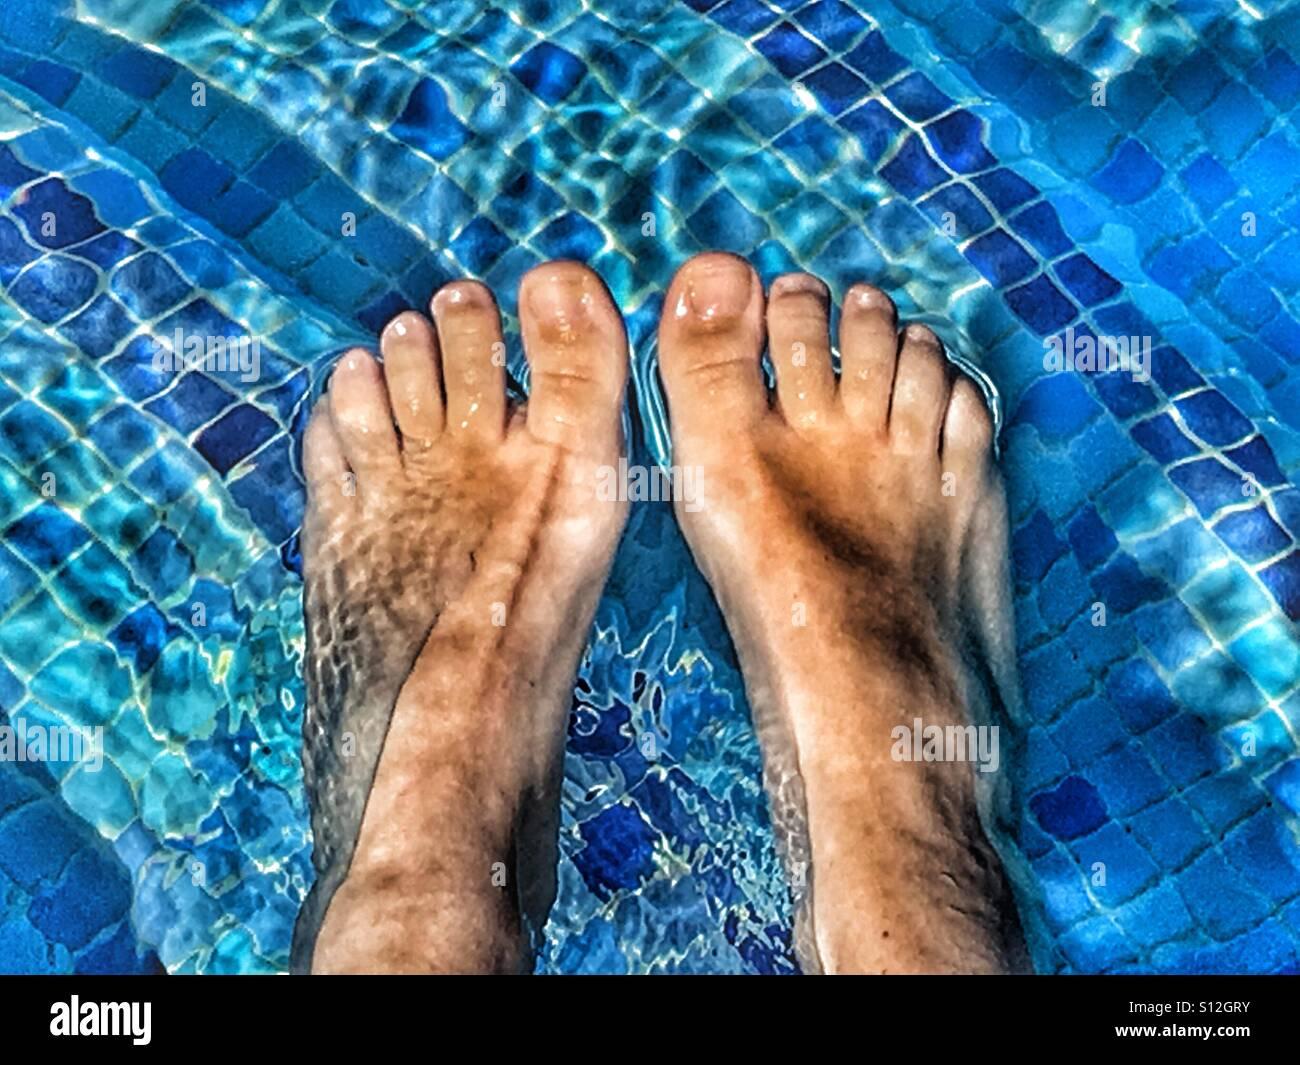 ImmaginiFotos Stock Summer en Feet Pov Fun GpqzSUMV